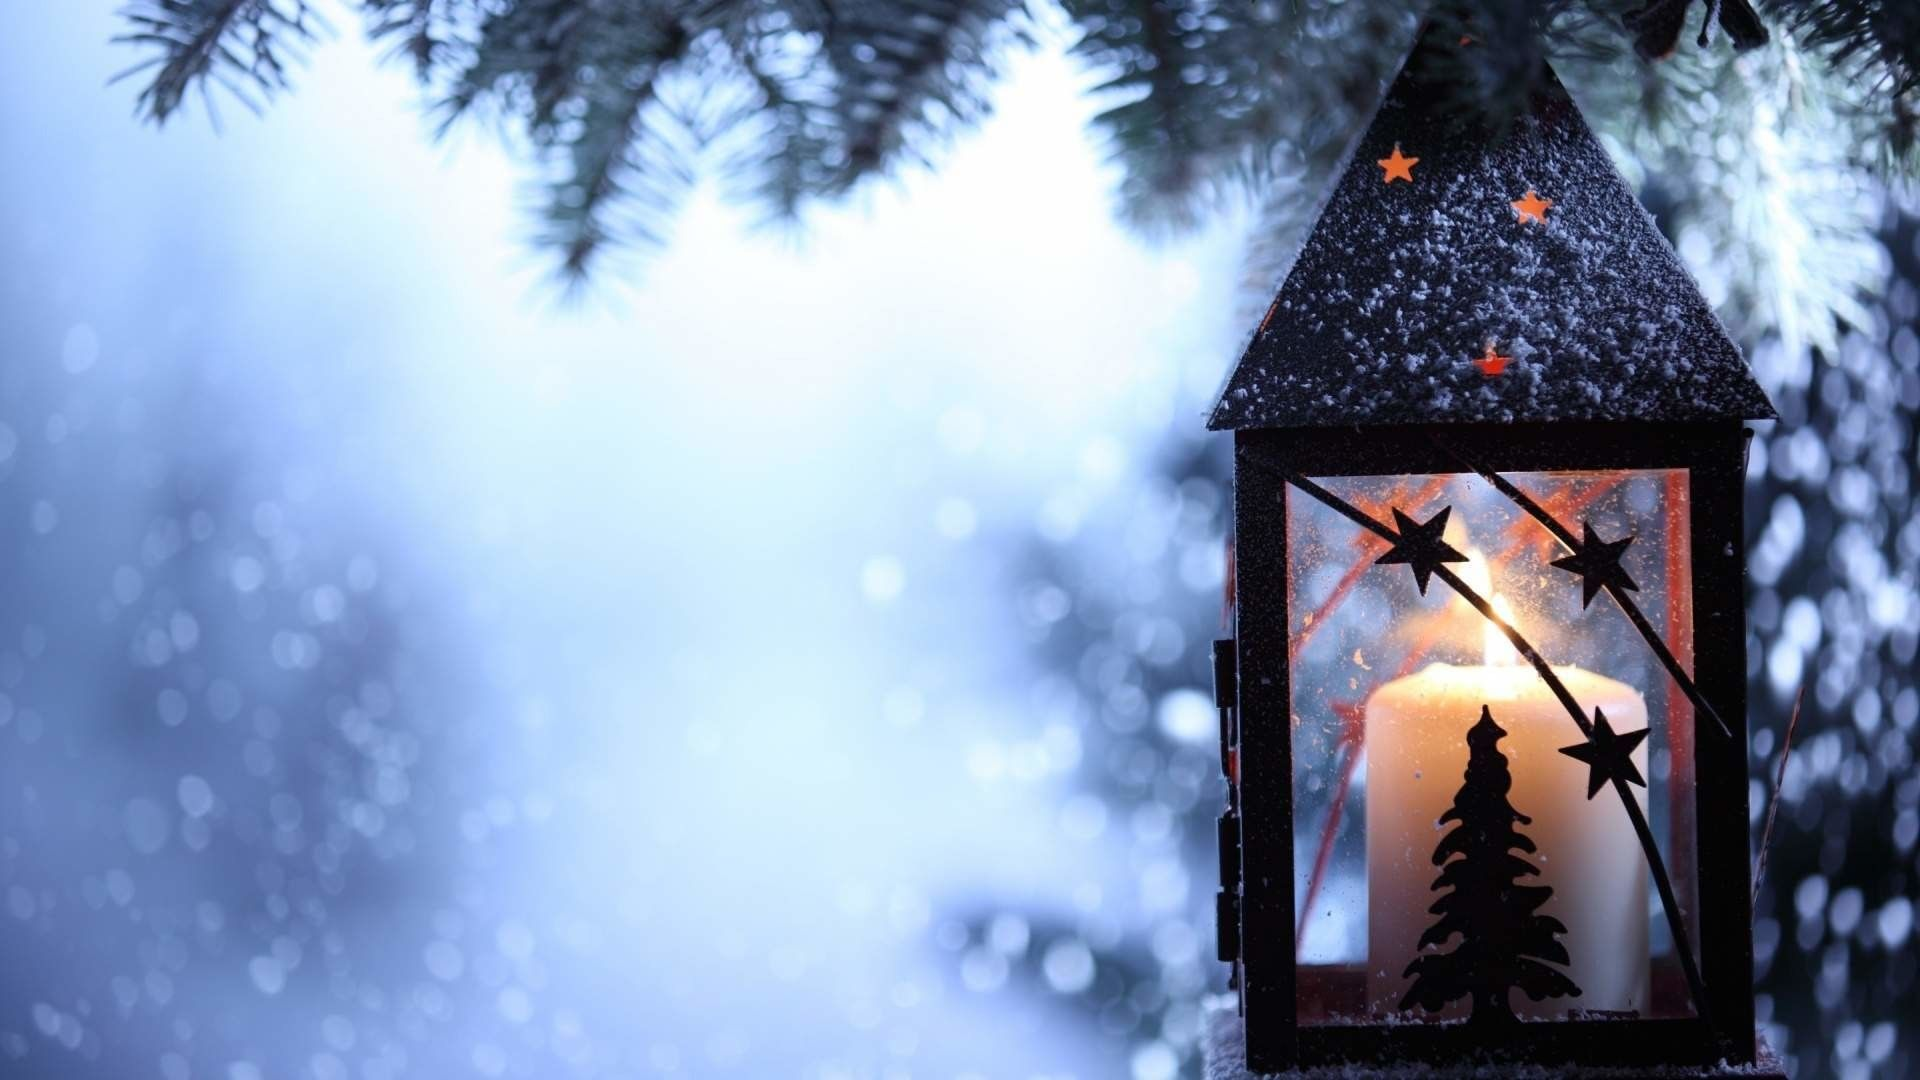 Sfondi Natale Sfondo Desktop Lanterna Natalizia Sfondi Sfondo